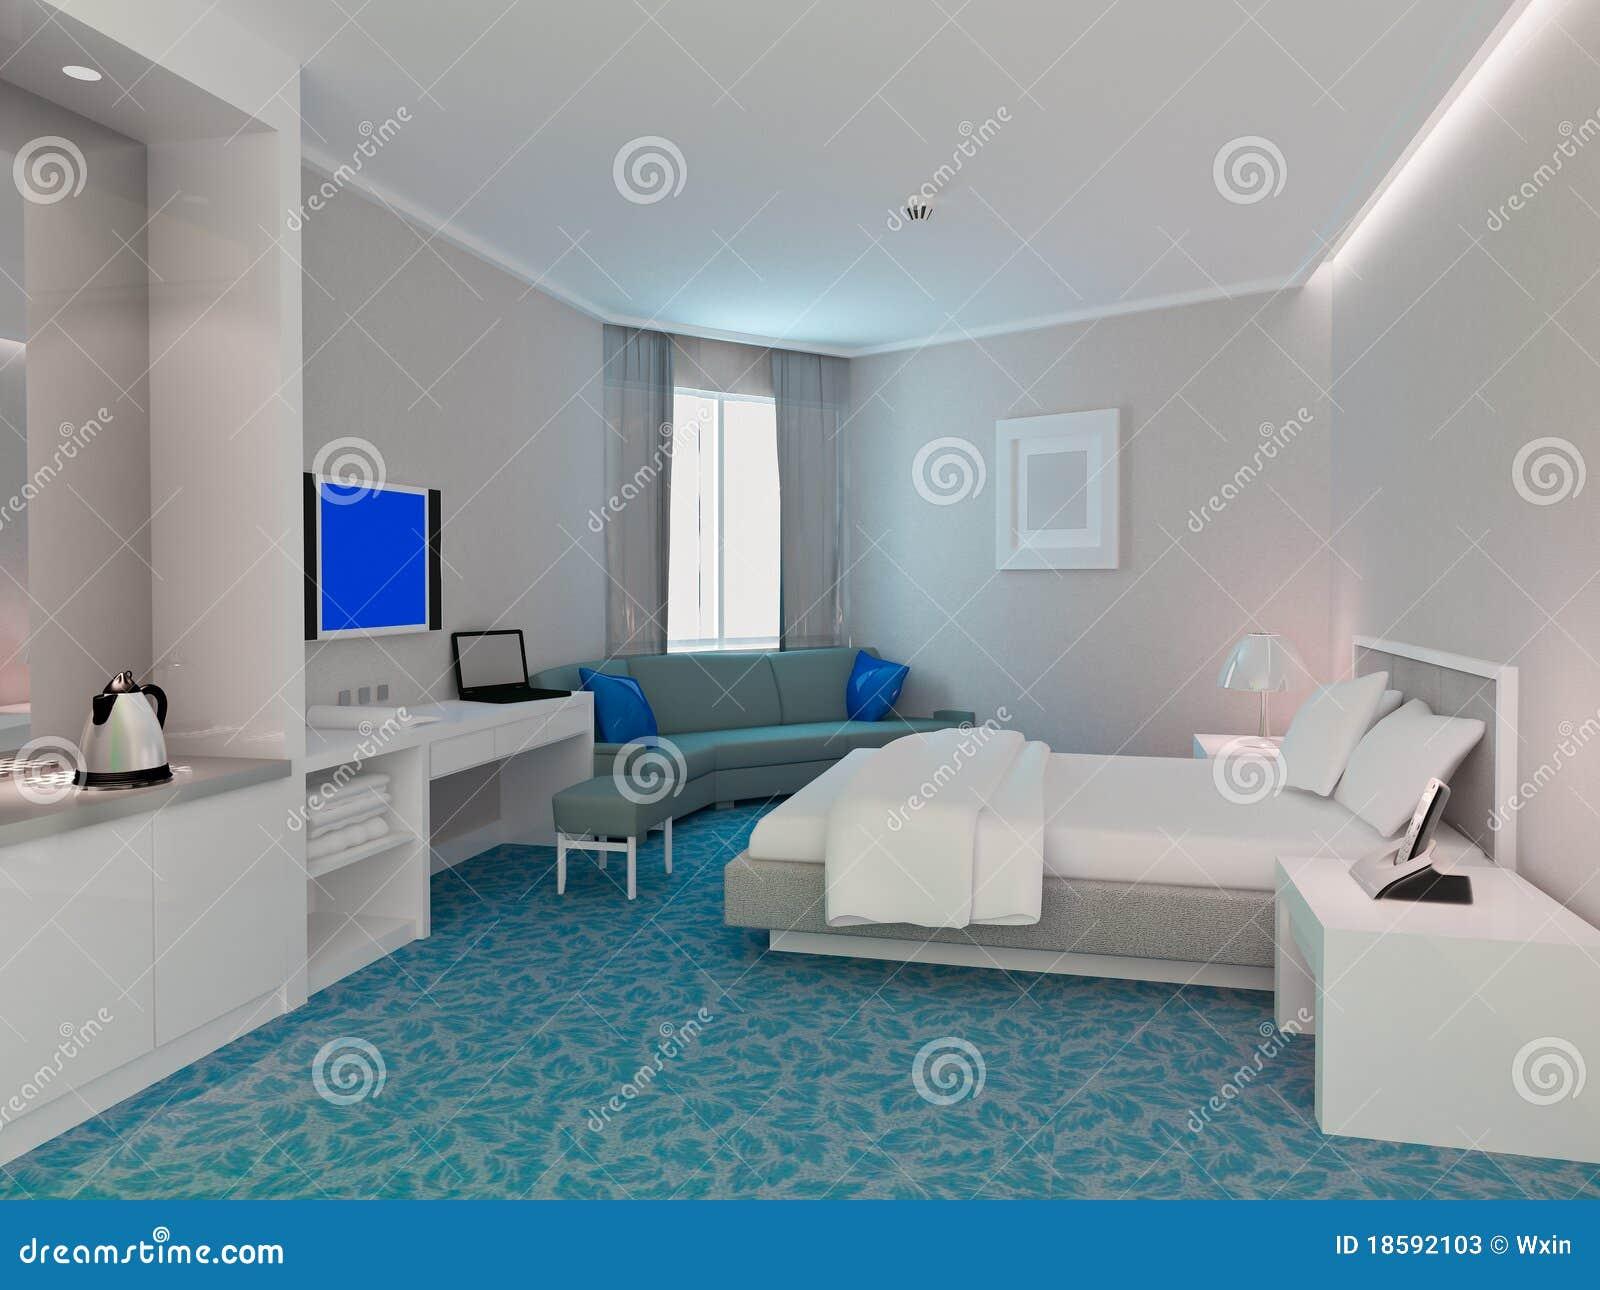 Rappresentazione della camera da letto 3d camere di for Progettare camera da letto 3d